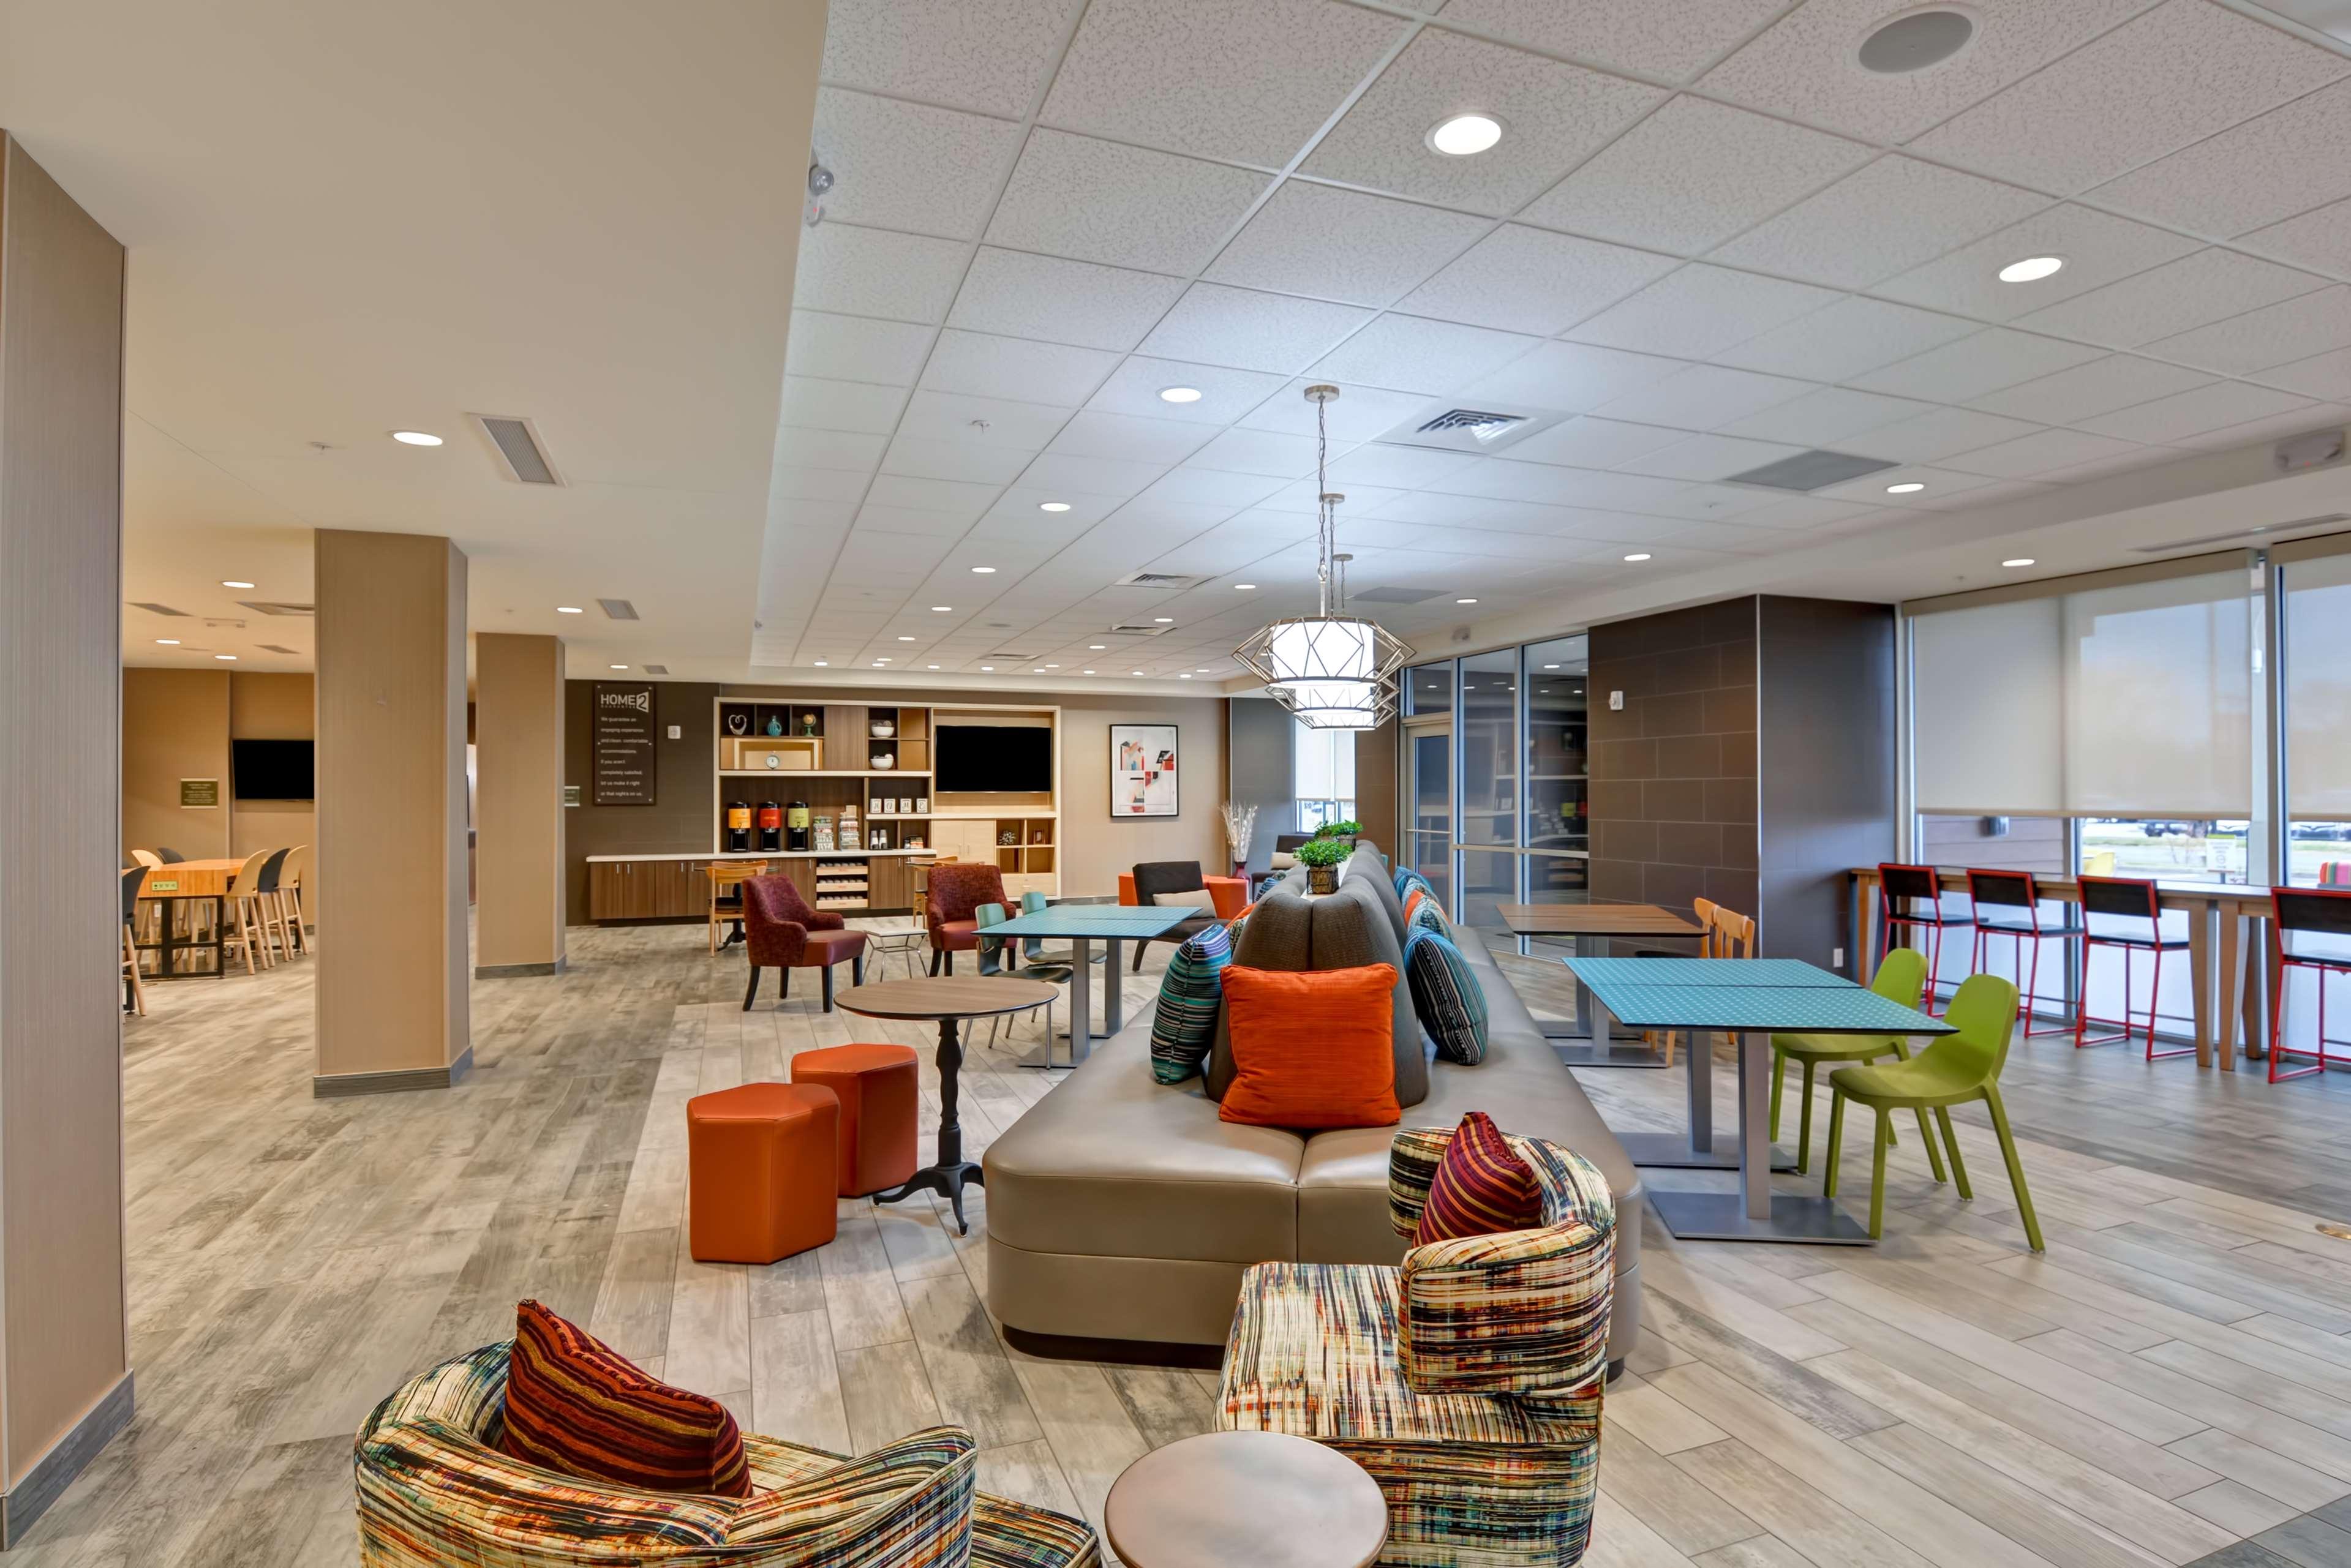 Home2 Suites by Hilton Lafayette image 6